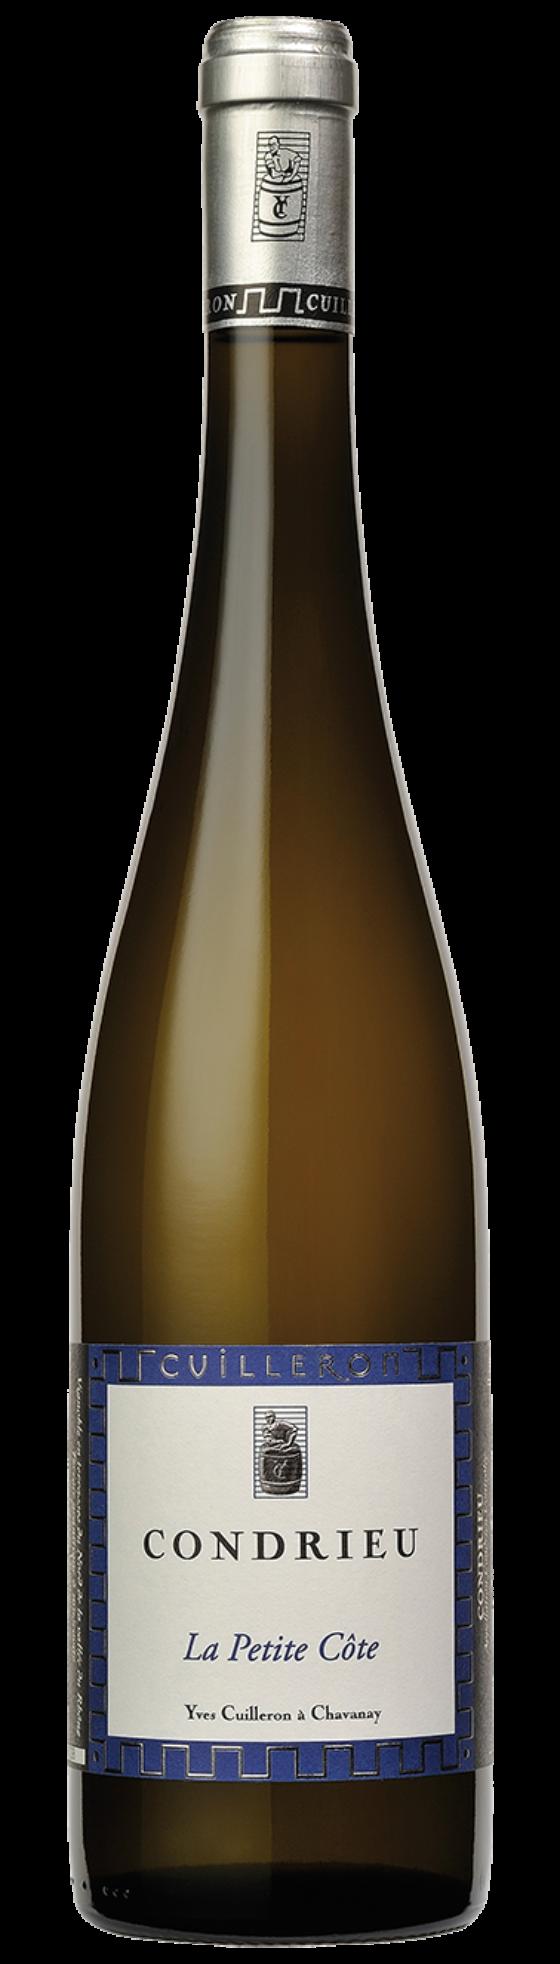 コンドリュー/ラ・プティ・コート/イヴ・キュイユロン/ローヌ/フランス白ワイン/酒の瀧澤